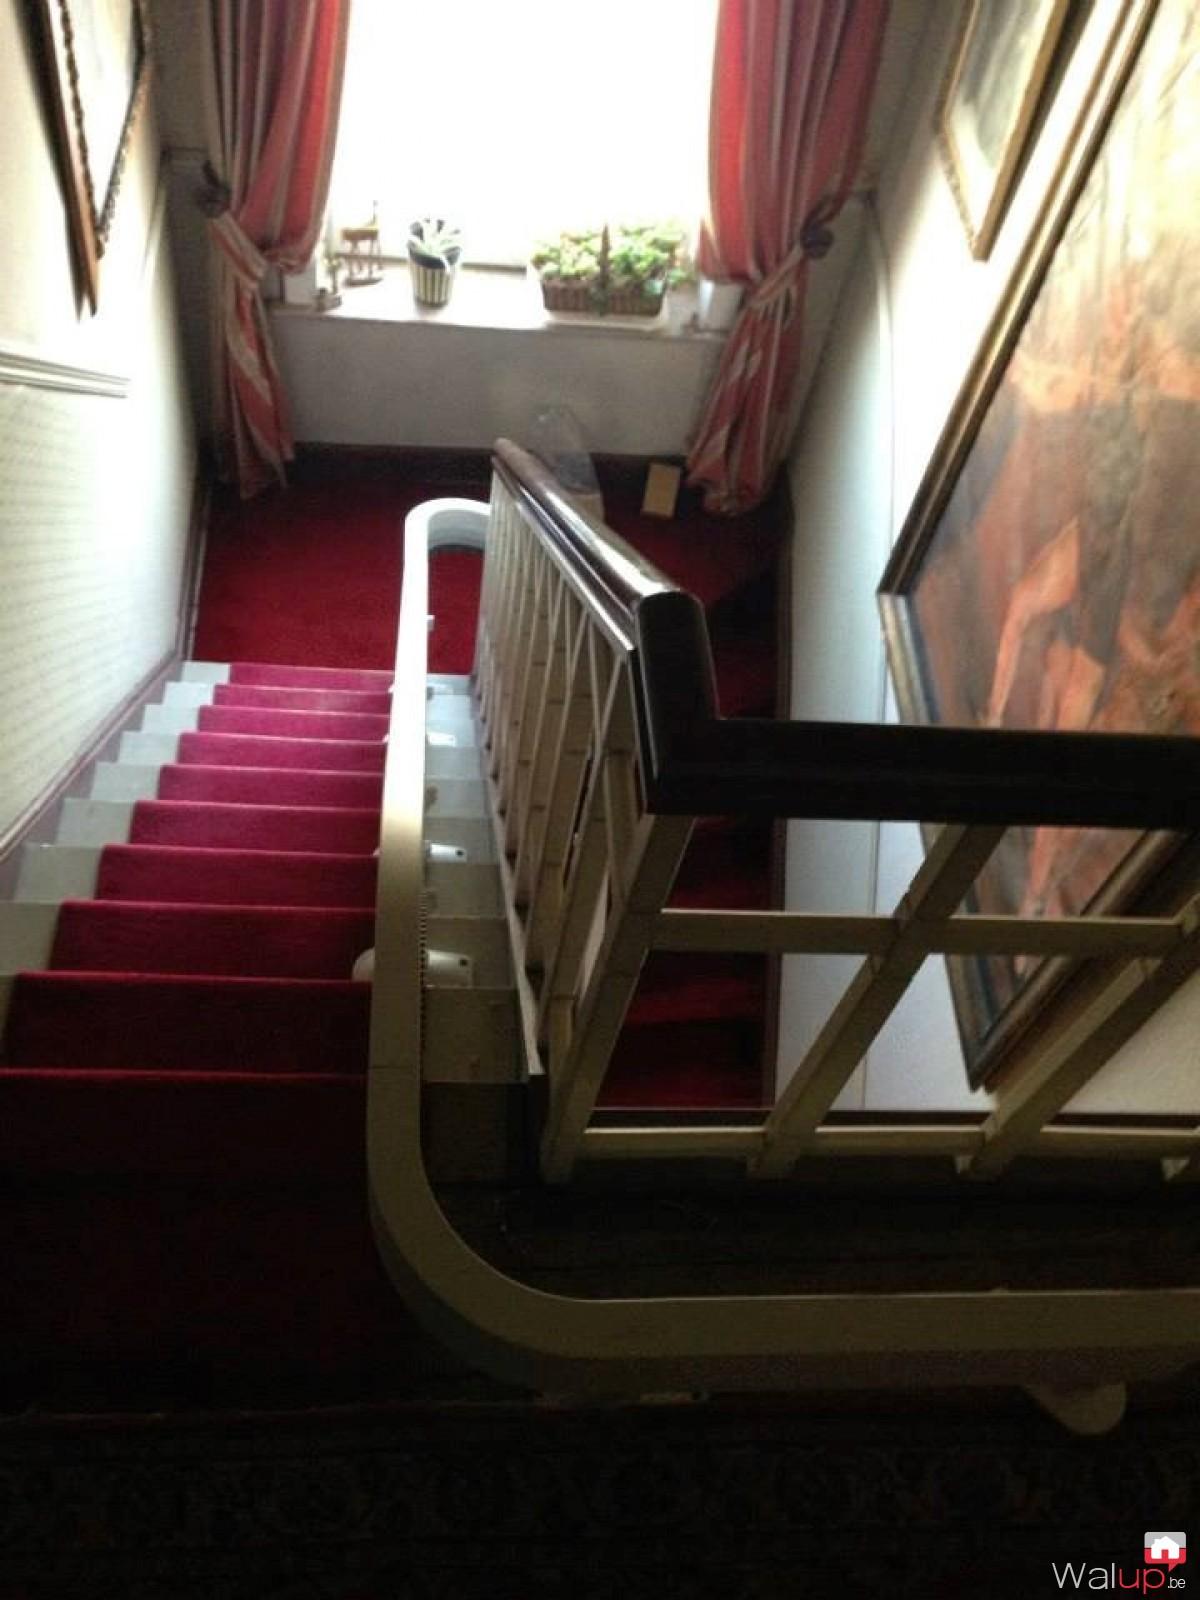 Chaise d 39 escalier par stalift tournai for Chaise escalier